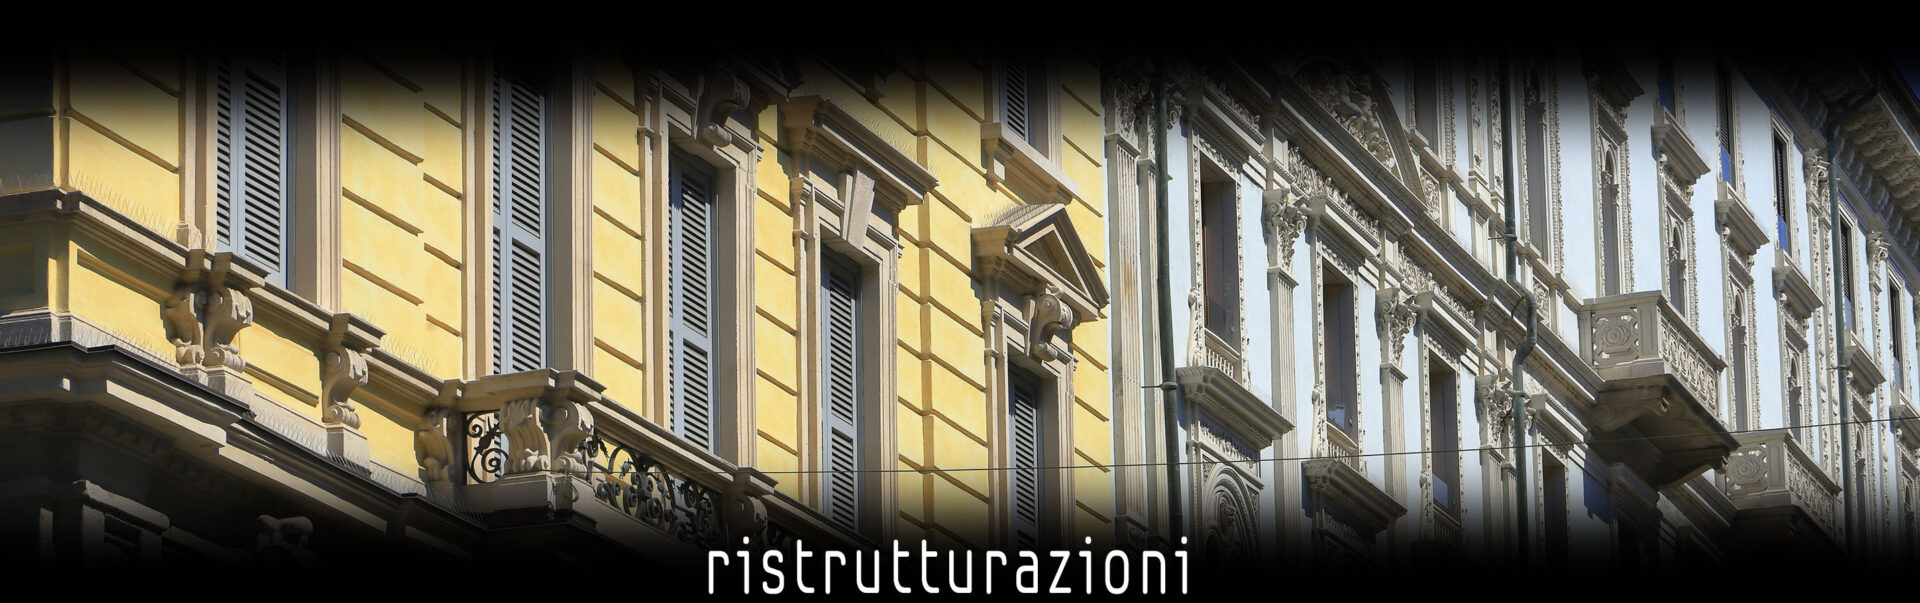 heatile_ristrutturazioni